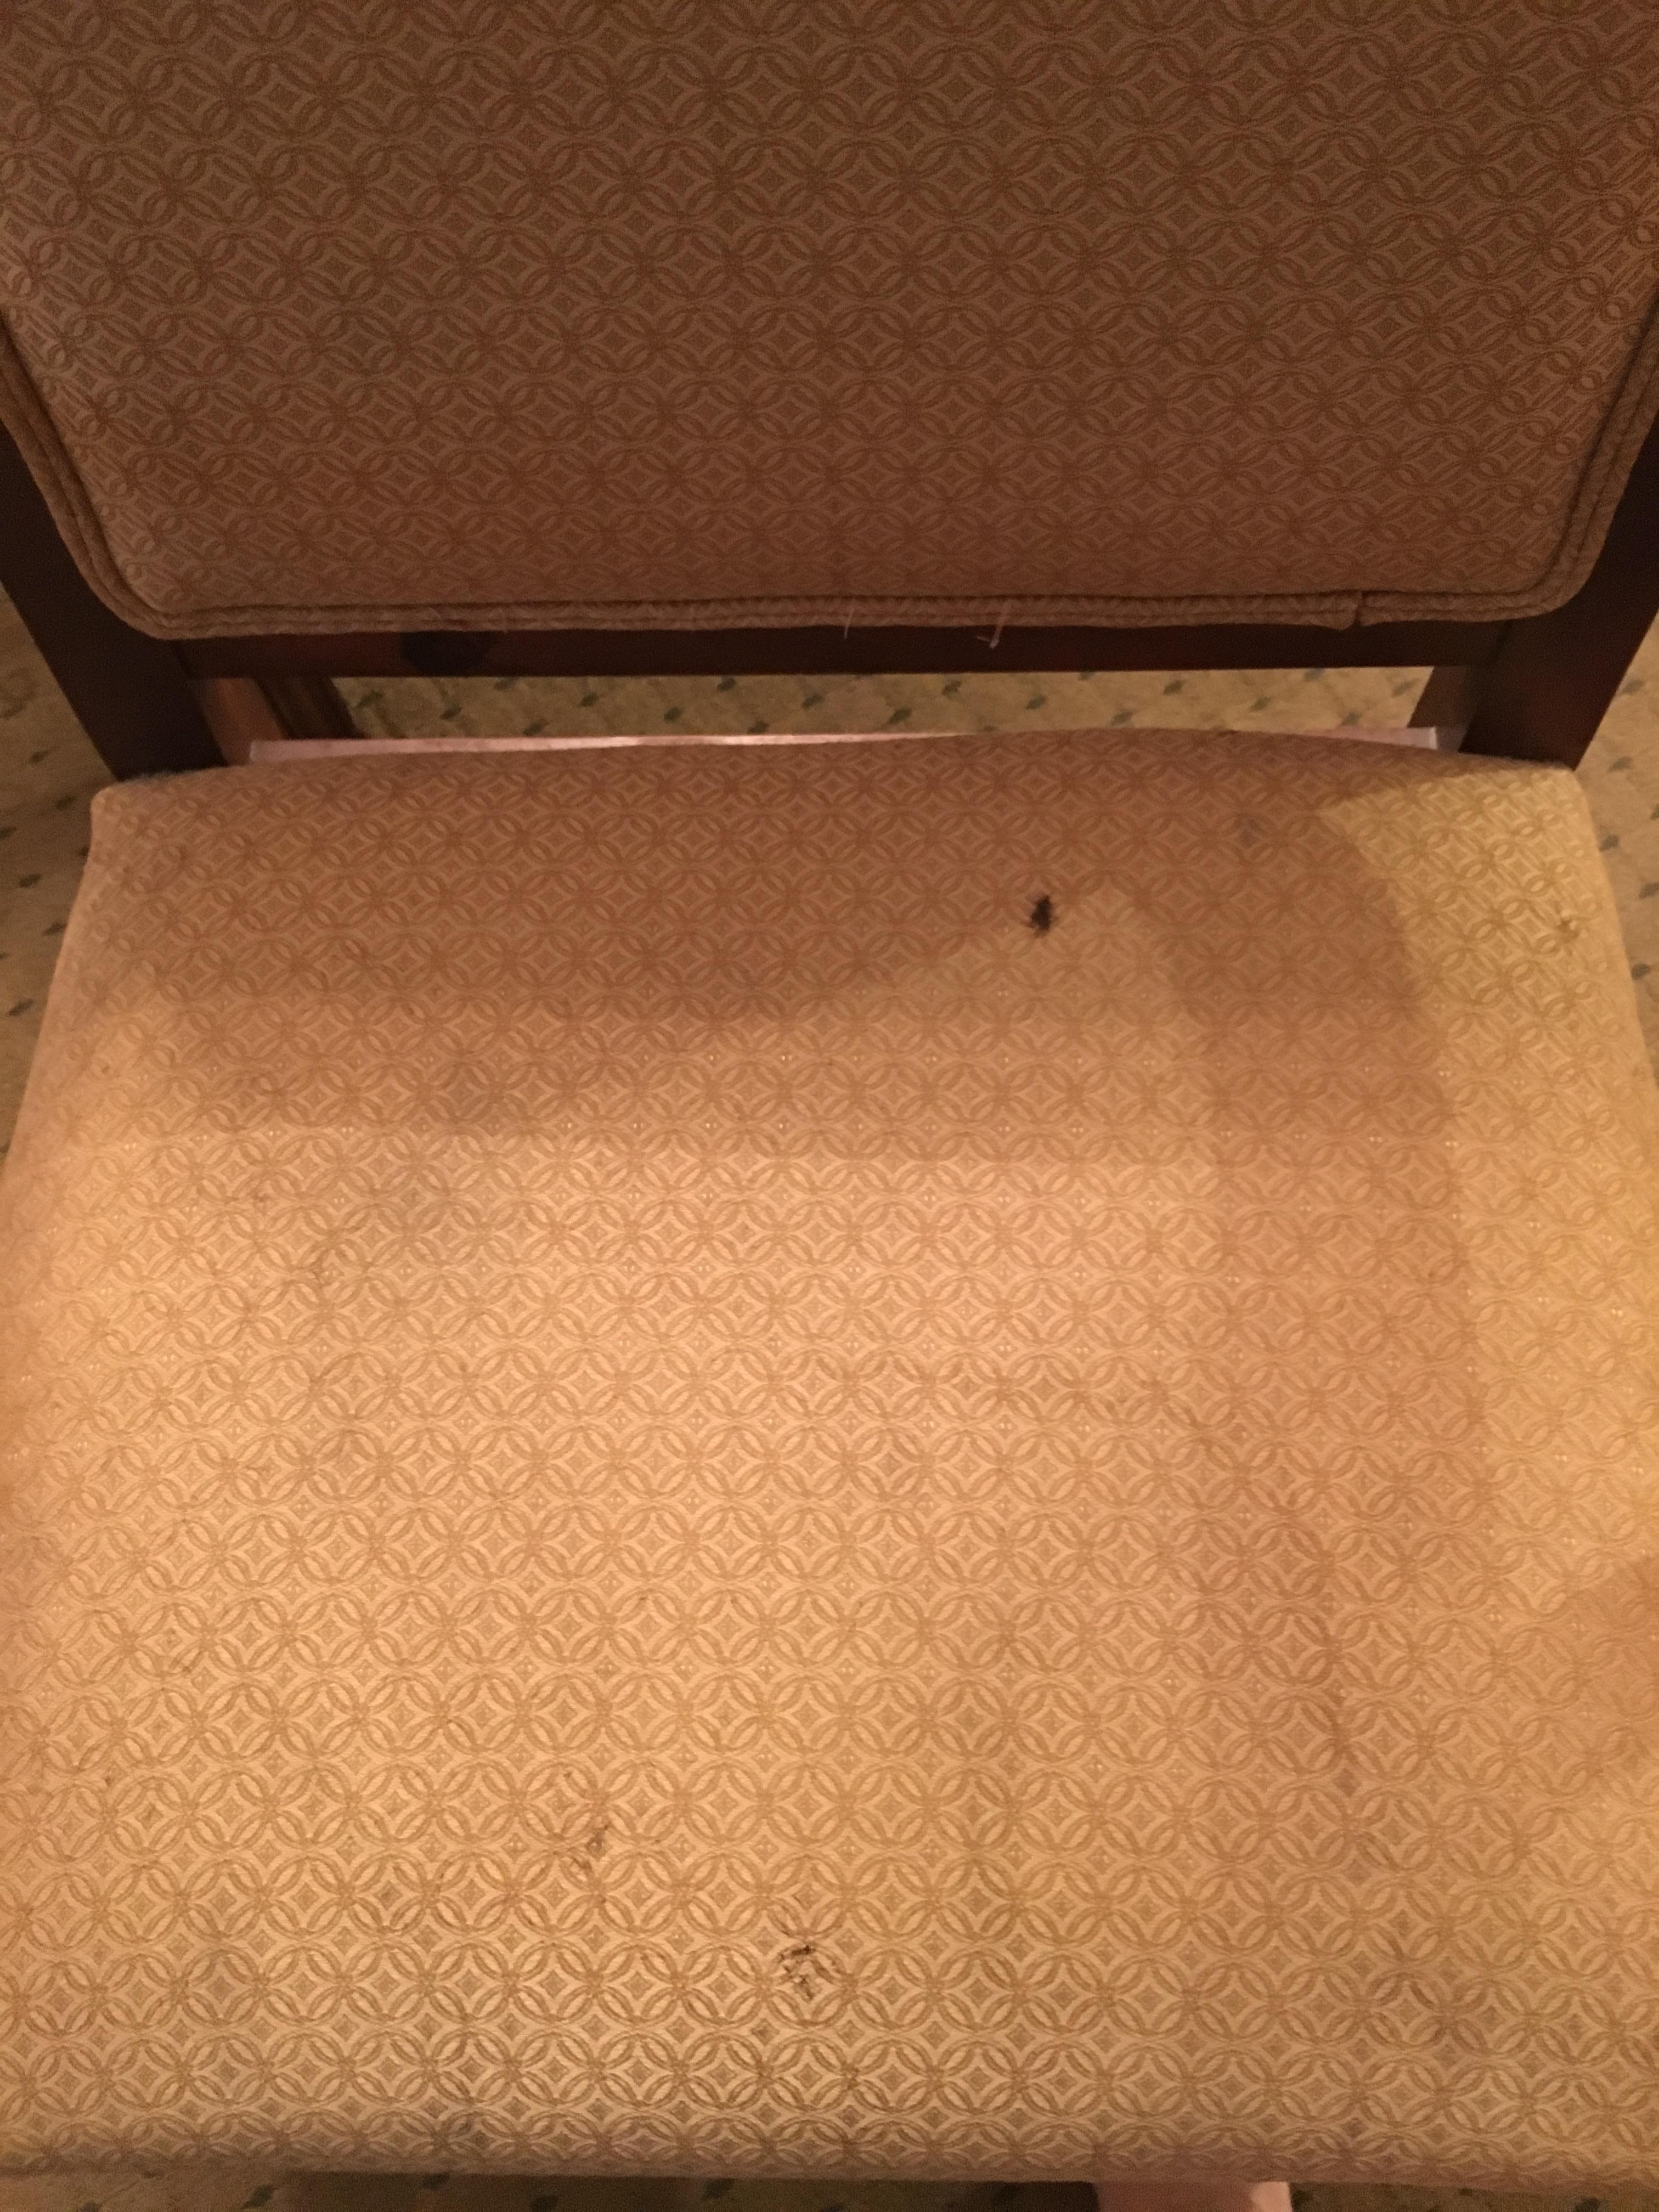 Brown splatters above bathroom mirror